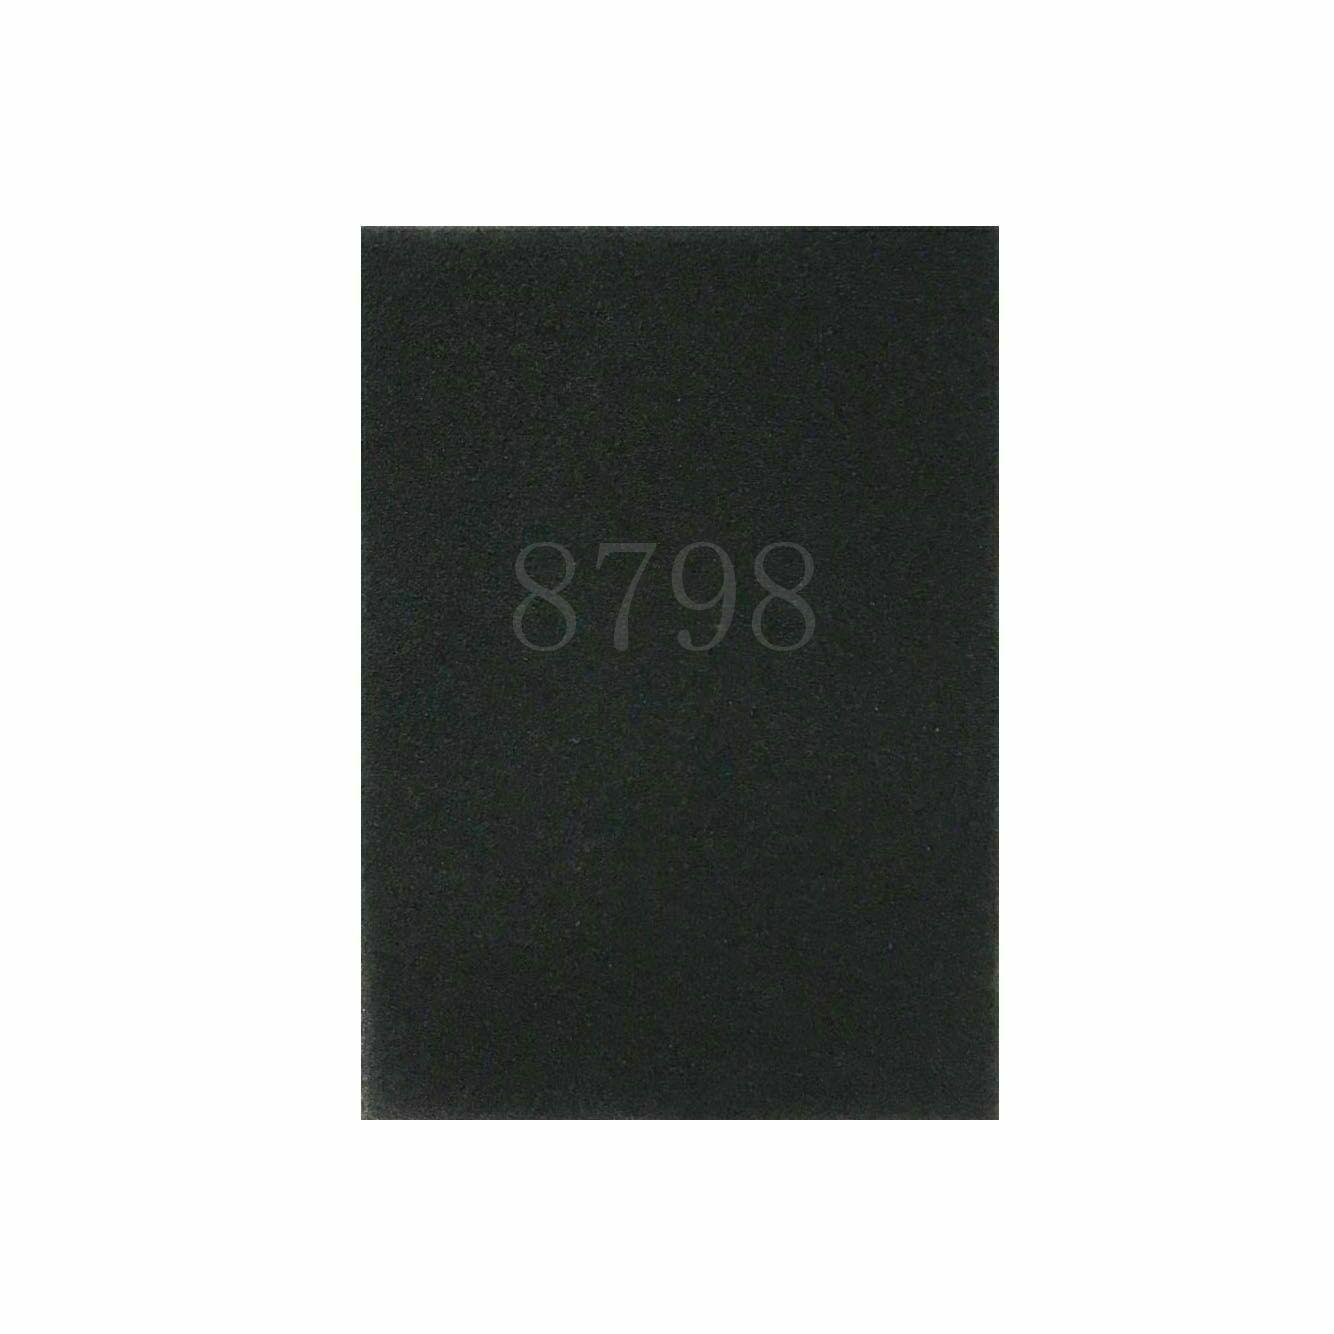 Projector Air Filter For Sony VPL-CS20 VPL-CX20 VPL-PX21 VPL